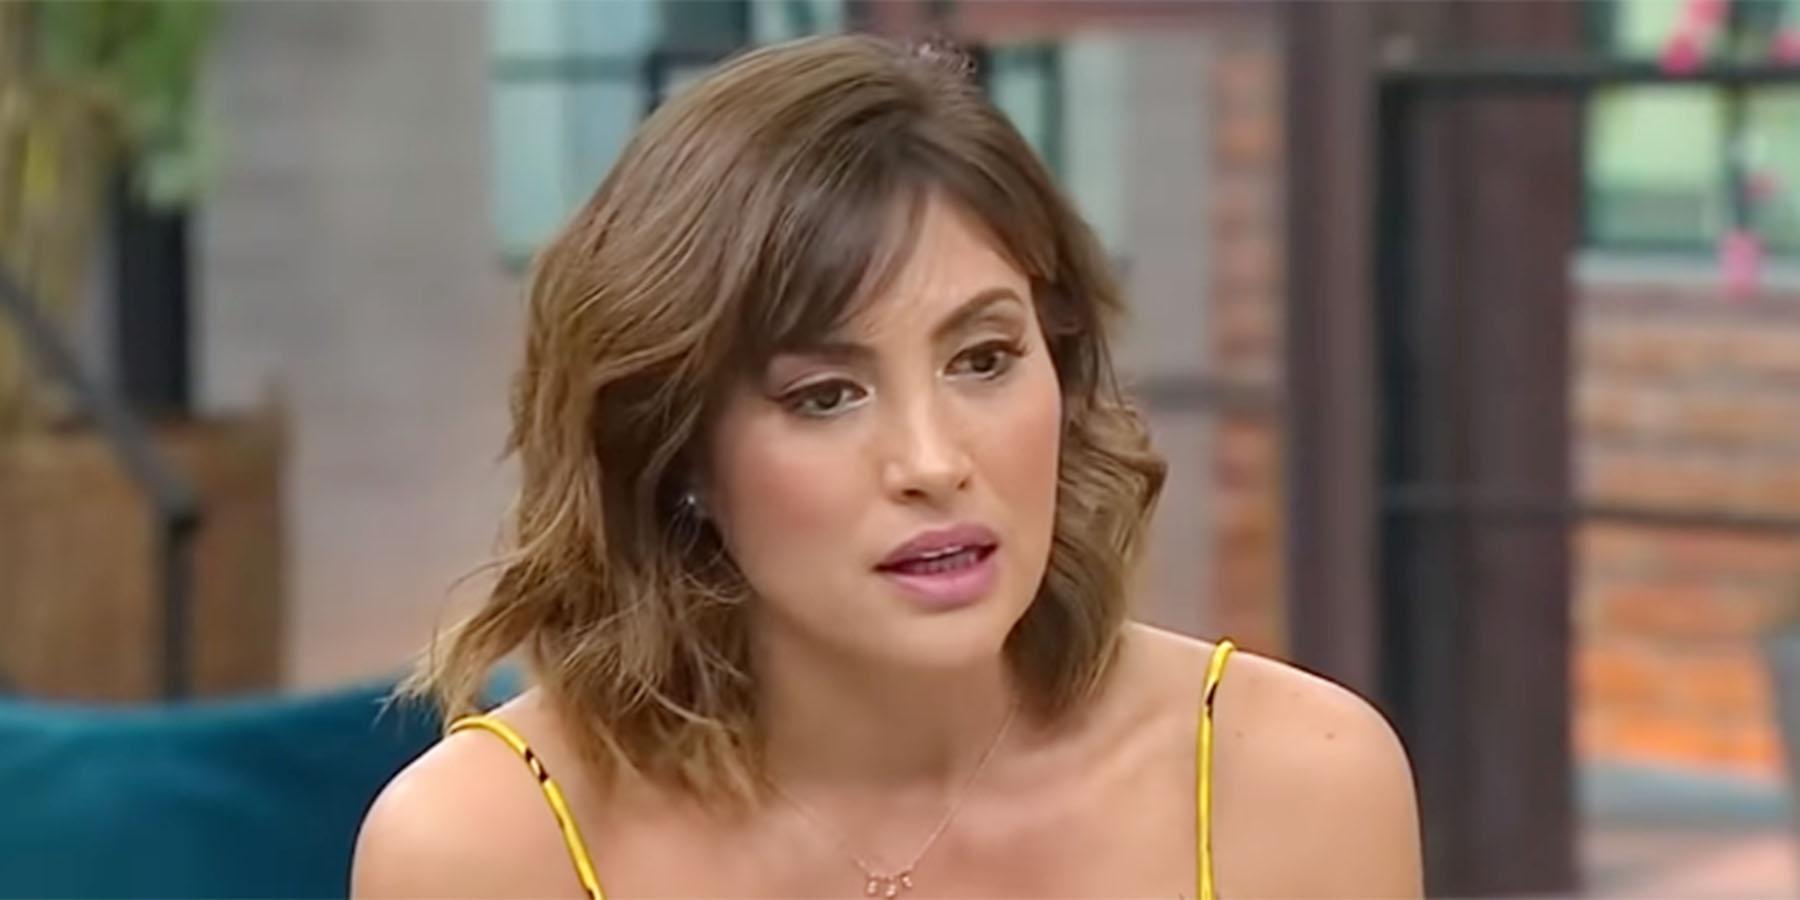 """""""Ahora limpio mi imagen"""": Karen Bejarano responde luego de comentarios machistas que la acusaron de viralizar sus imágenes íntimas"""